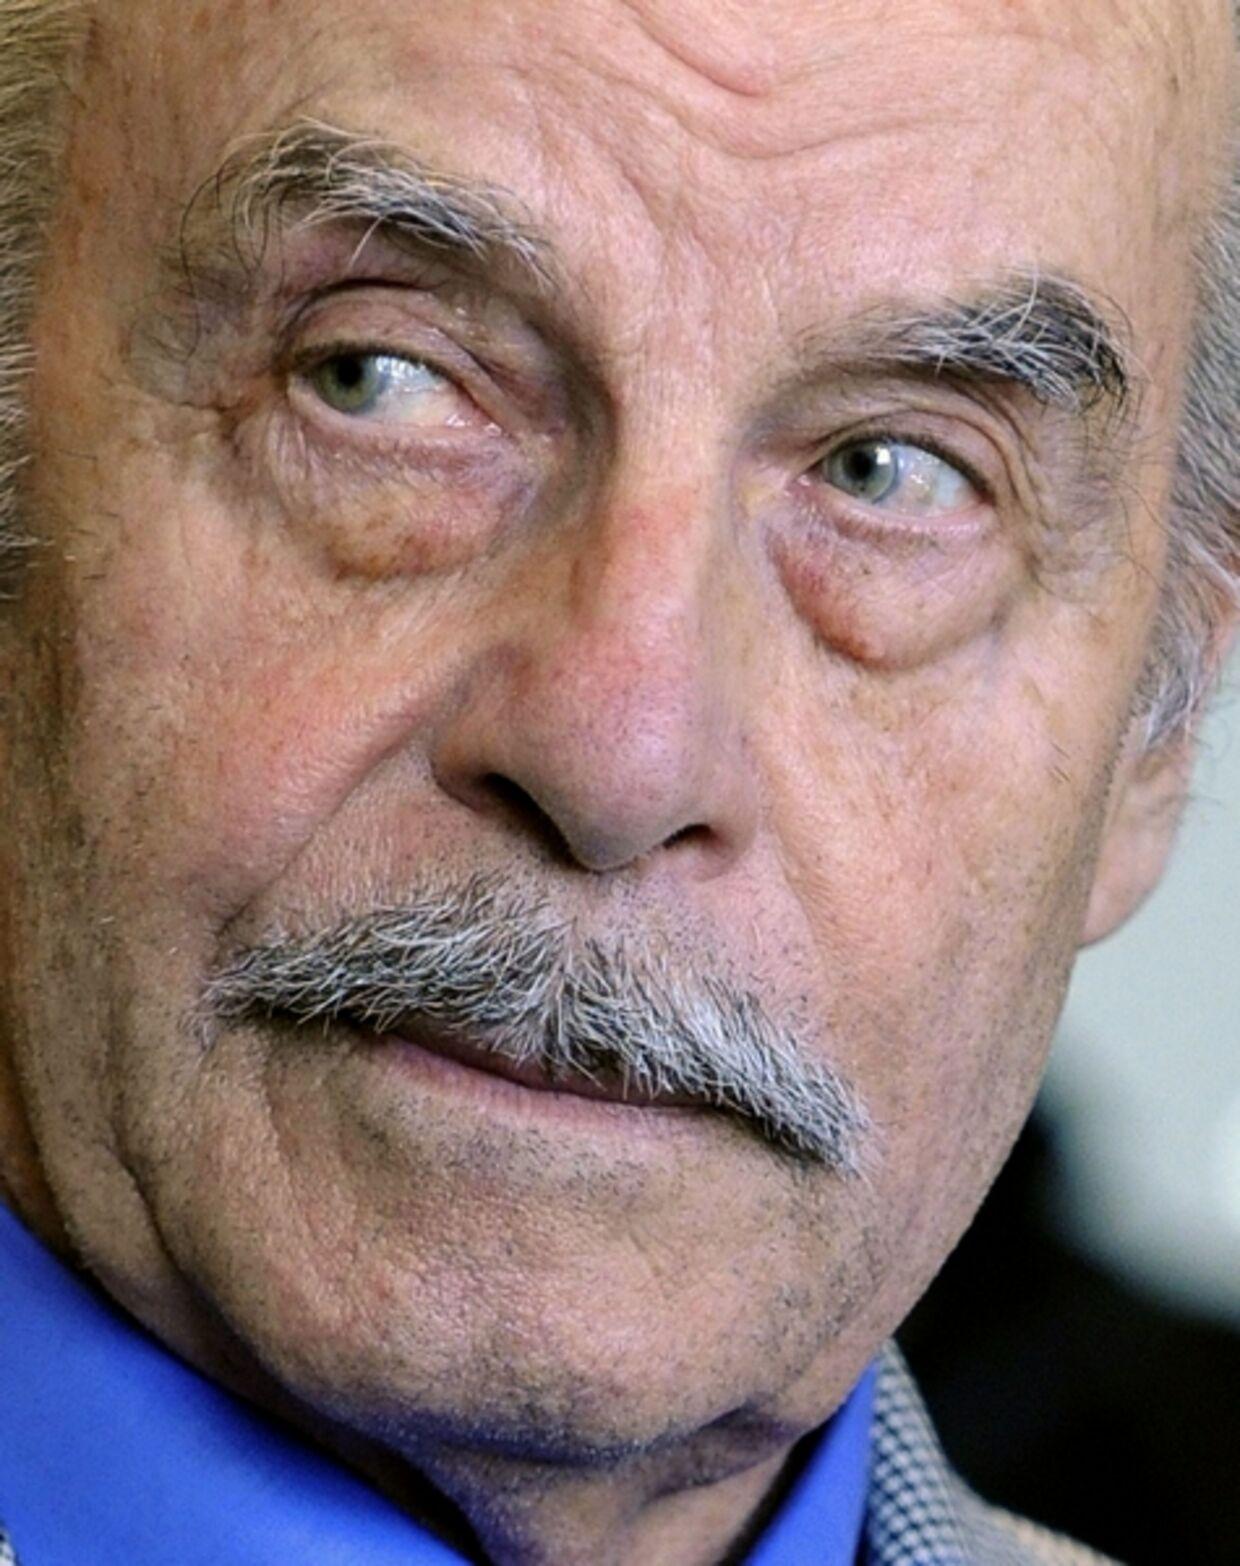 Josef Fritzls ondskab bliver muligvis overgået af en italiensk far, der bliver anklaget for at have indespærret og voldtaget sin datter - og lært sin søn at gøre det samme.